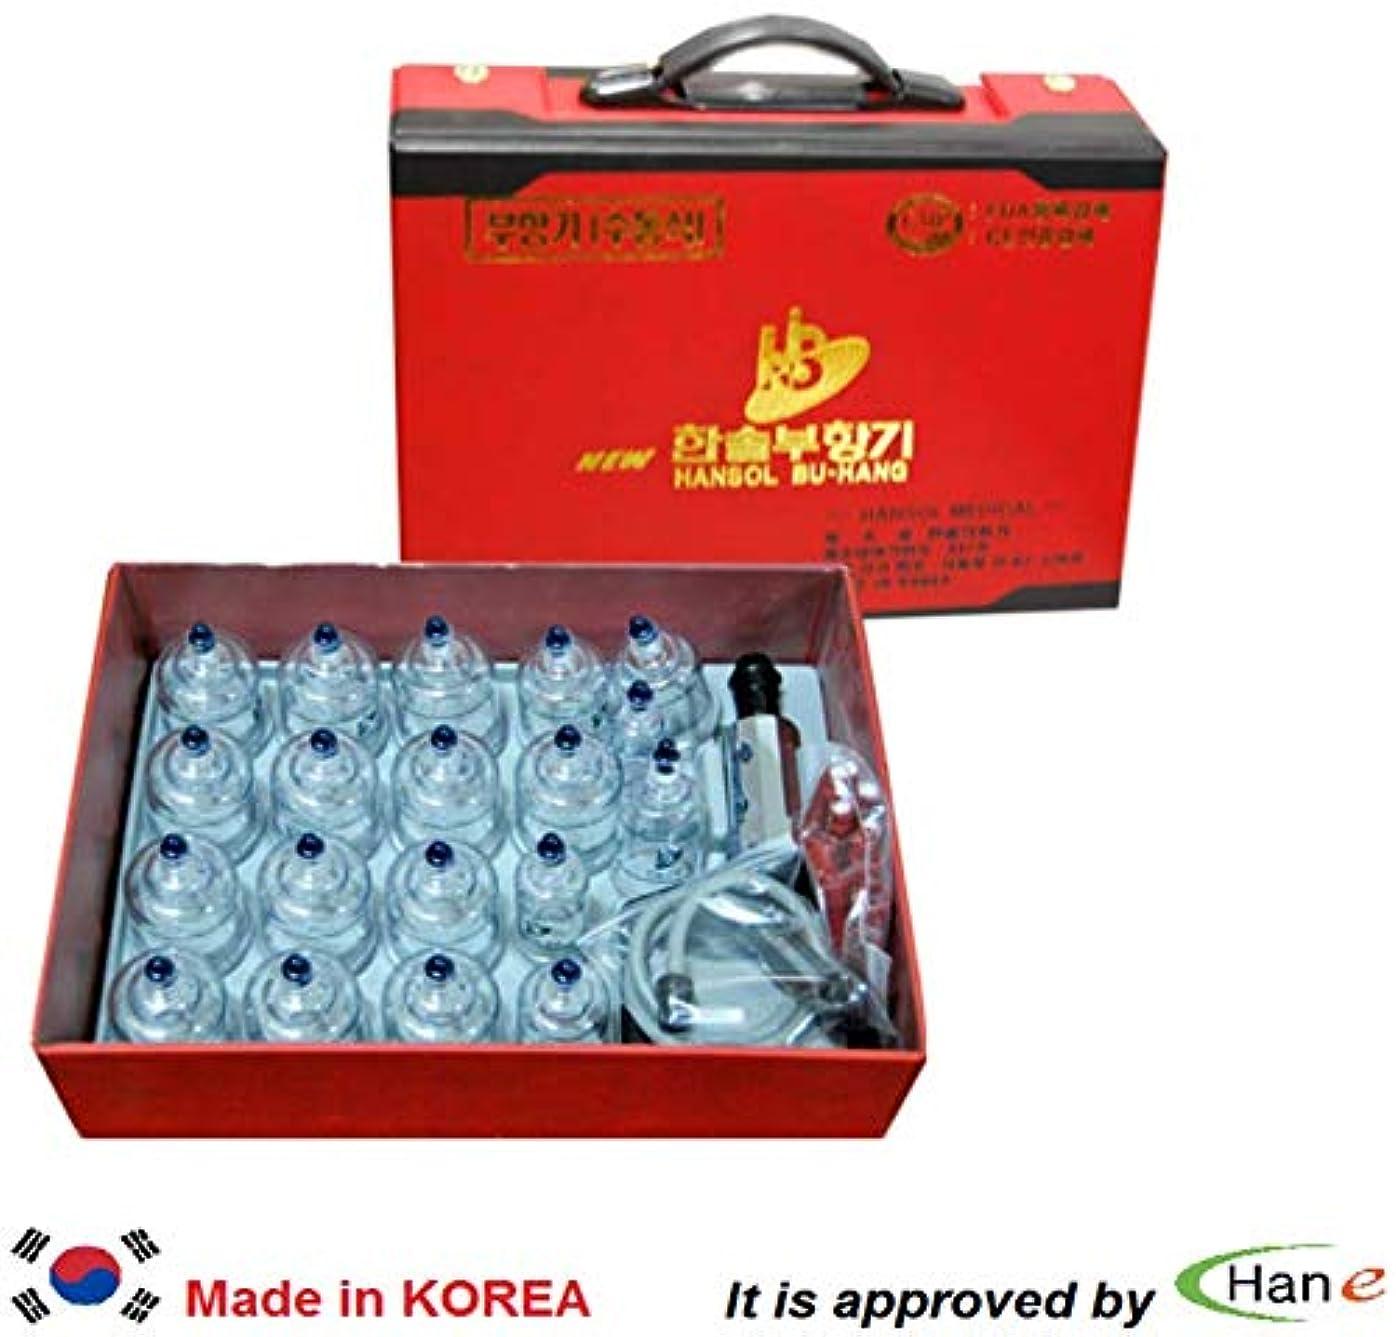 名詞主要な商業の韓国カッピングセット19カップハンディケース付属カッピングマッサージ真空吸引